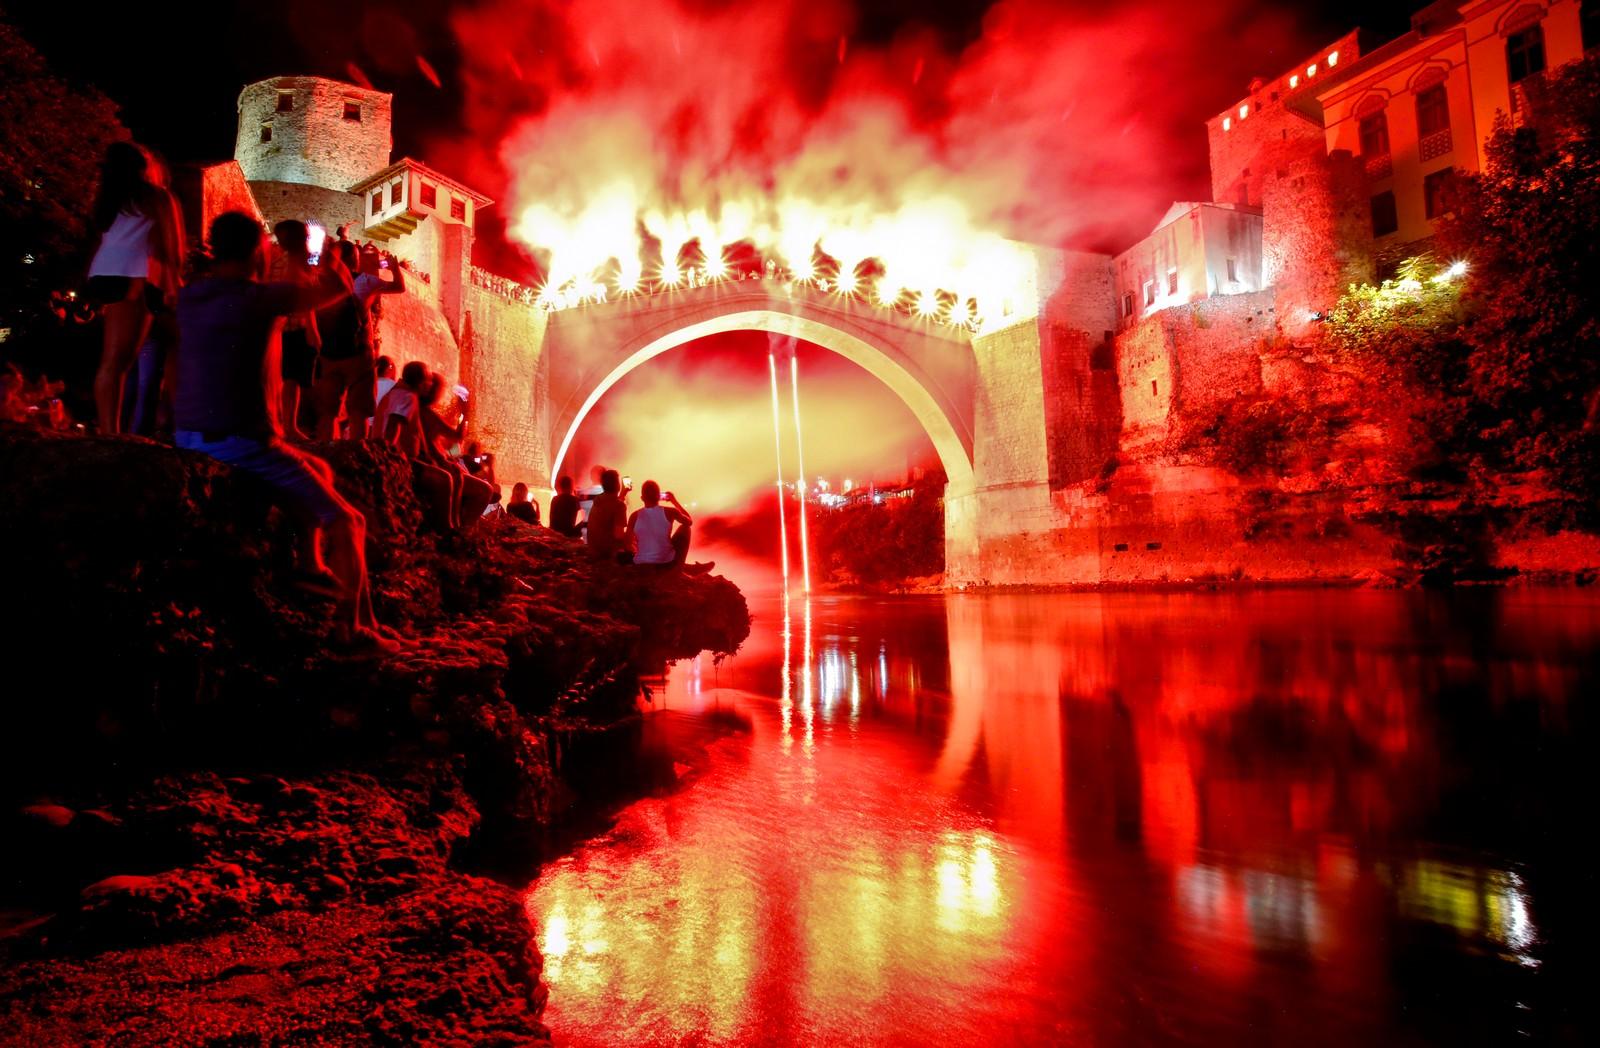 Her har fotografen brukt lang lukkertid. En stuper hopper i elven Neretva i Mostar i Bosnia mens han holder fakler i hendene. Over 10.000 mennesker var tilskuere mens 41 stupere viste sine kunster fra den 27 meter høye broen. Den årlige konkurransen har blitt holdt i nesten 500 år.